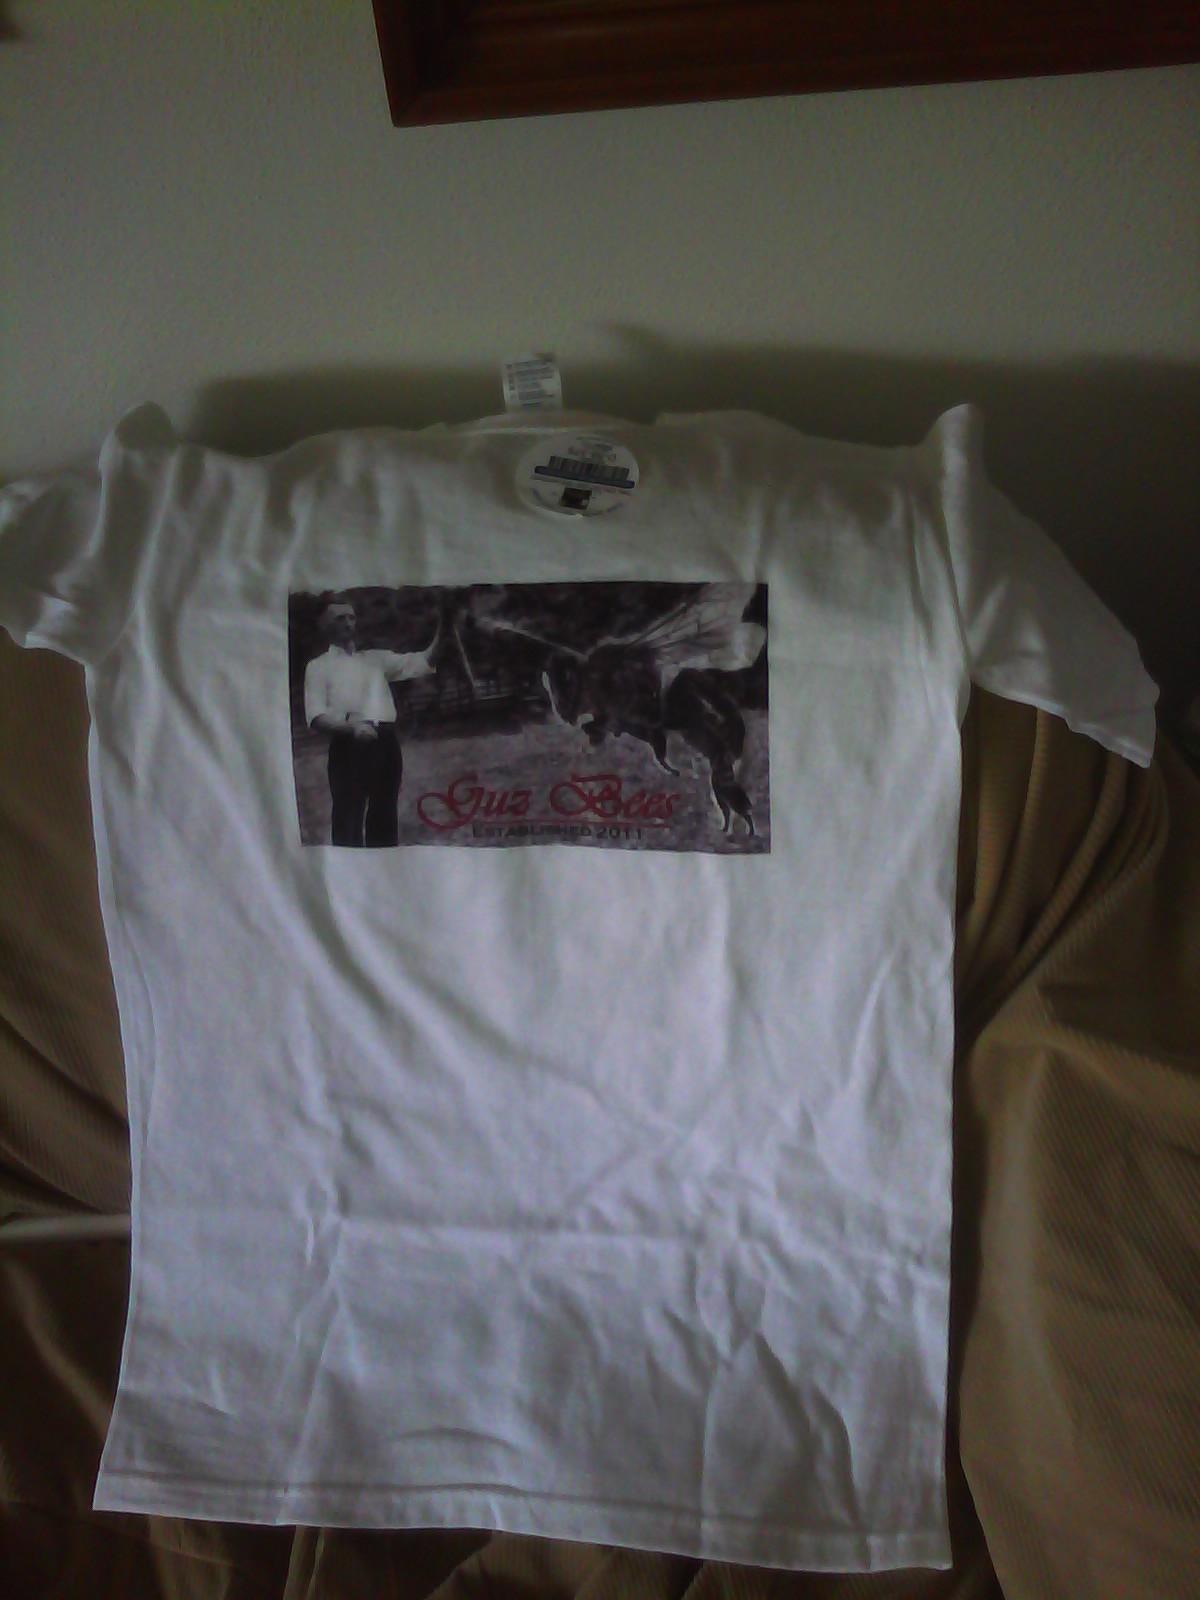 Design t shirt vistaprint - Guz Bees T Shirt Just Shipped From Vistaprint